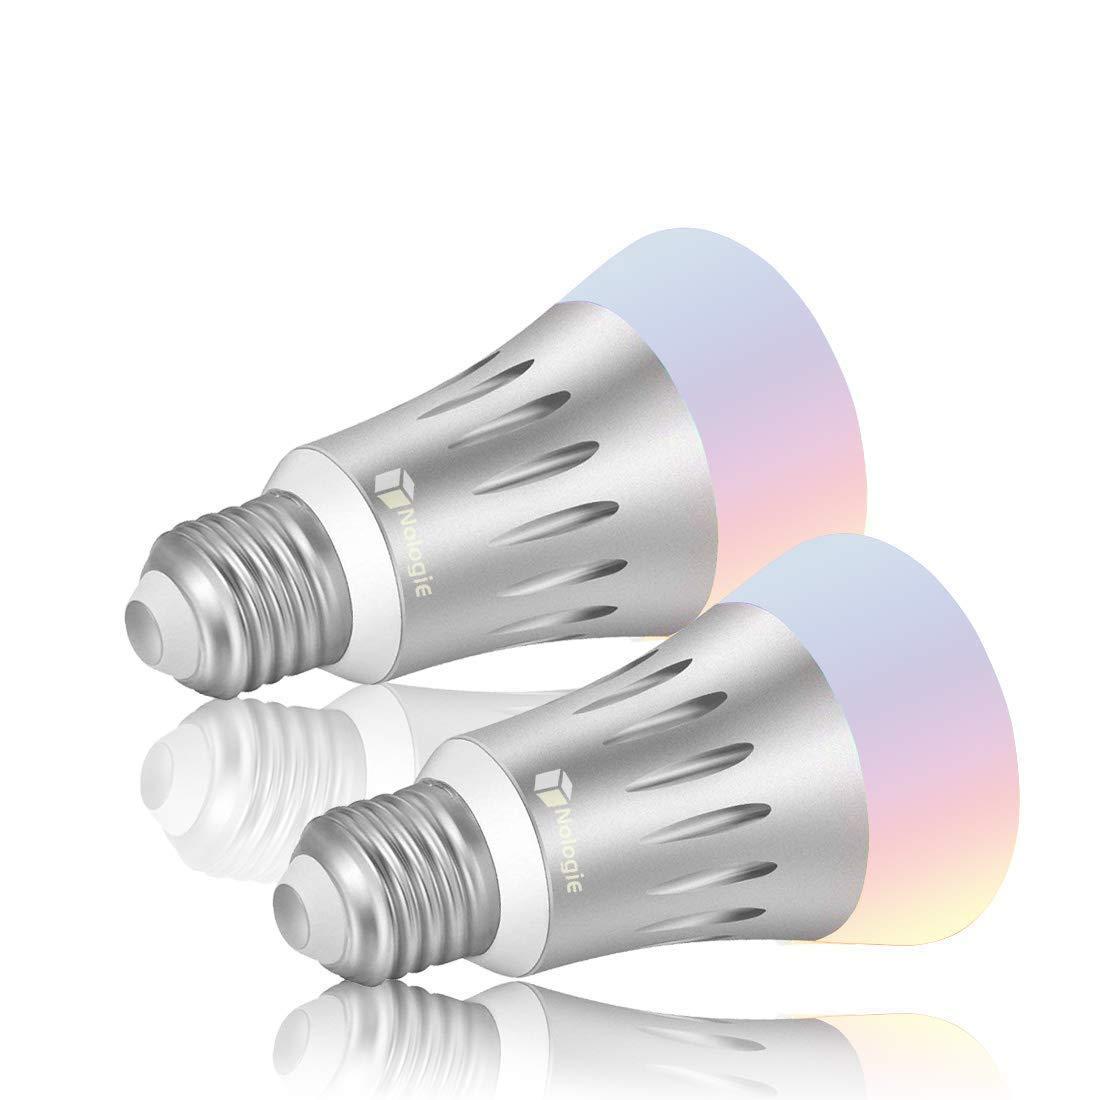 LAMPE AMPOULE LED 4W 6W E27 G45 LUMIÉRE 3000K° 4500K° HAUTE LUMINOSITÉ QUALITÉ